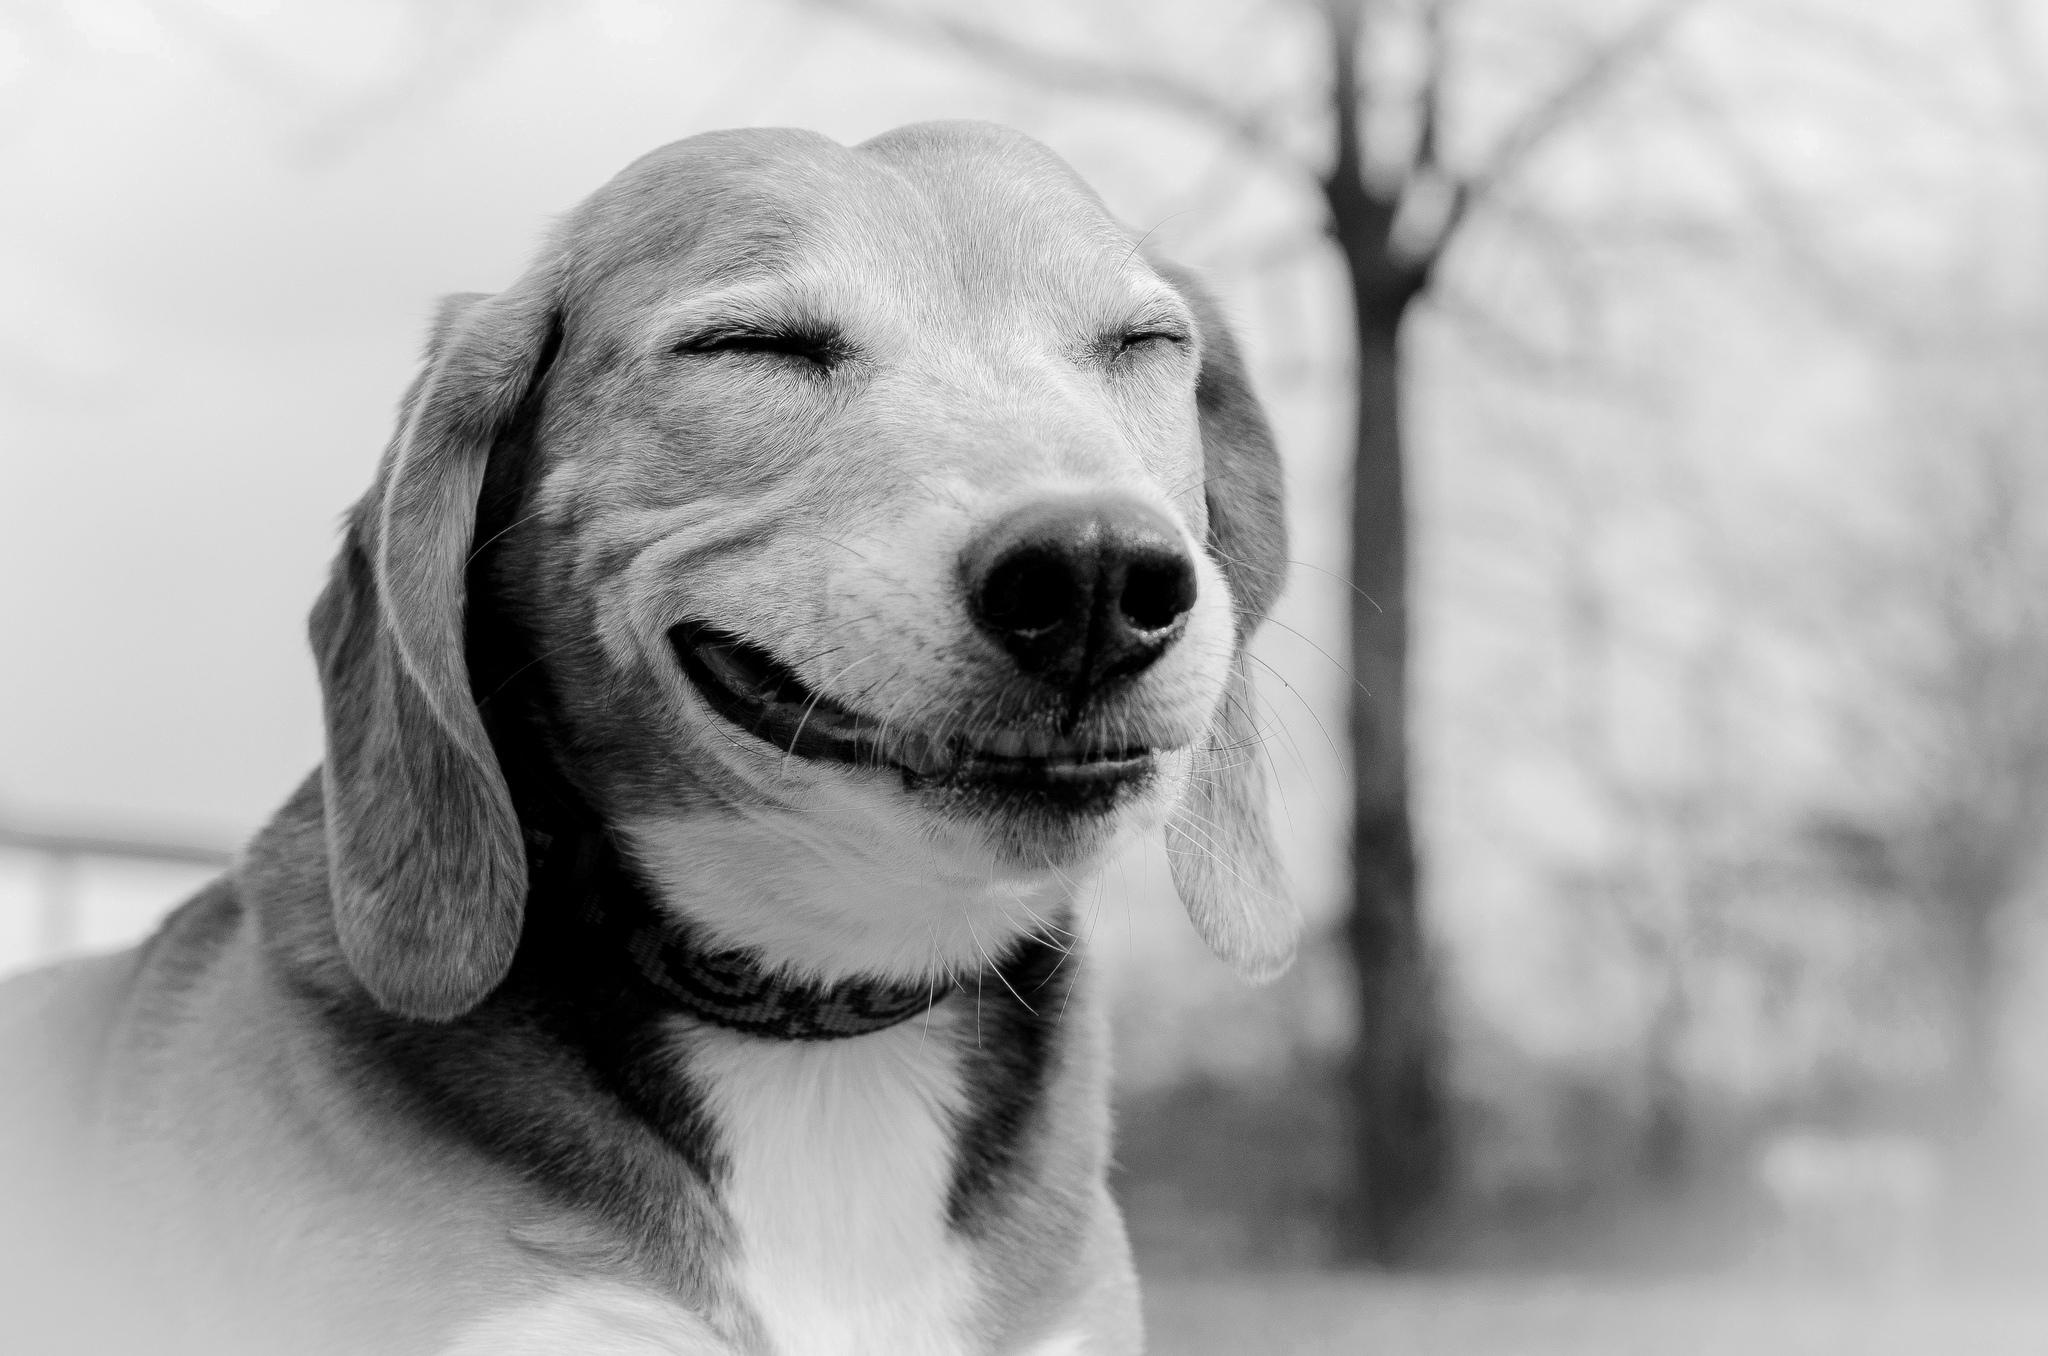 гармония счастье эмоции животных в рисунках и фотографиях придерживаться